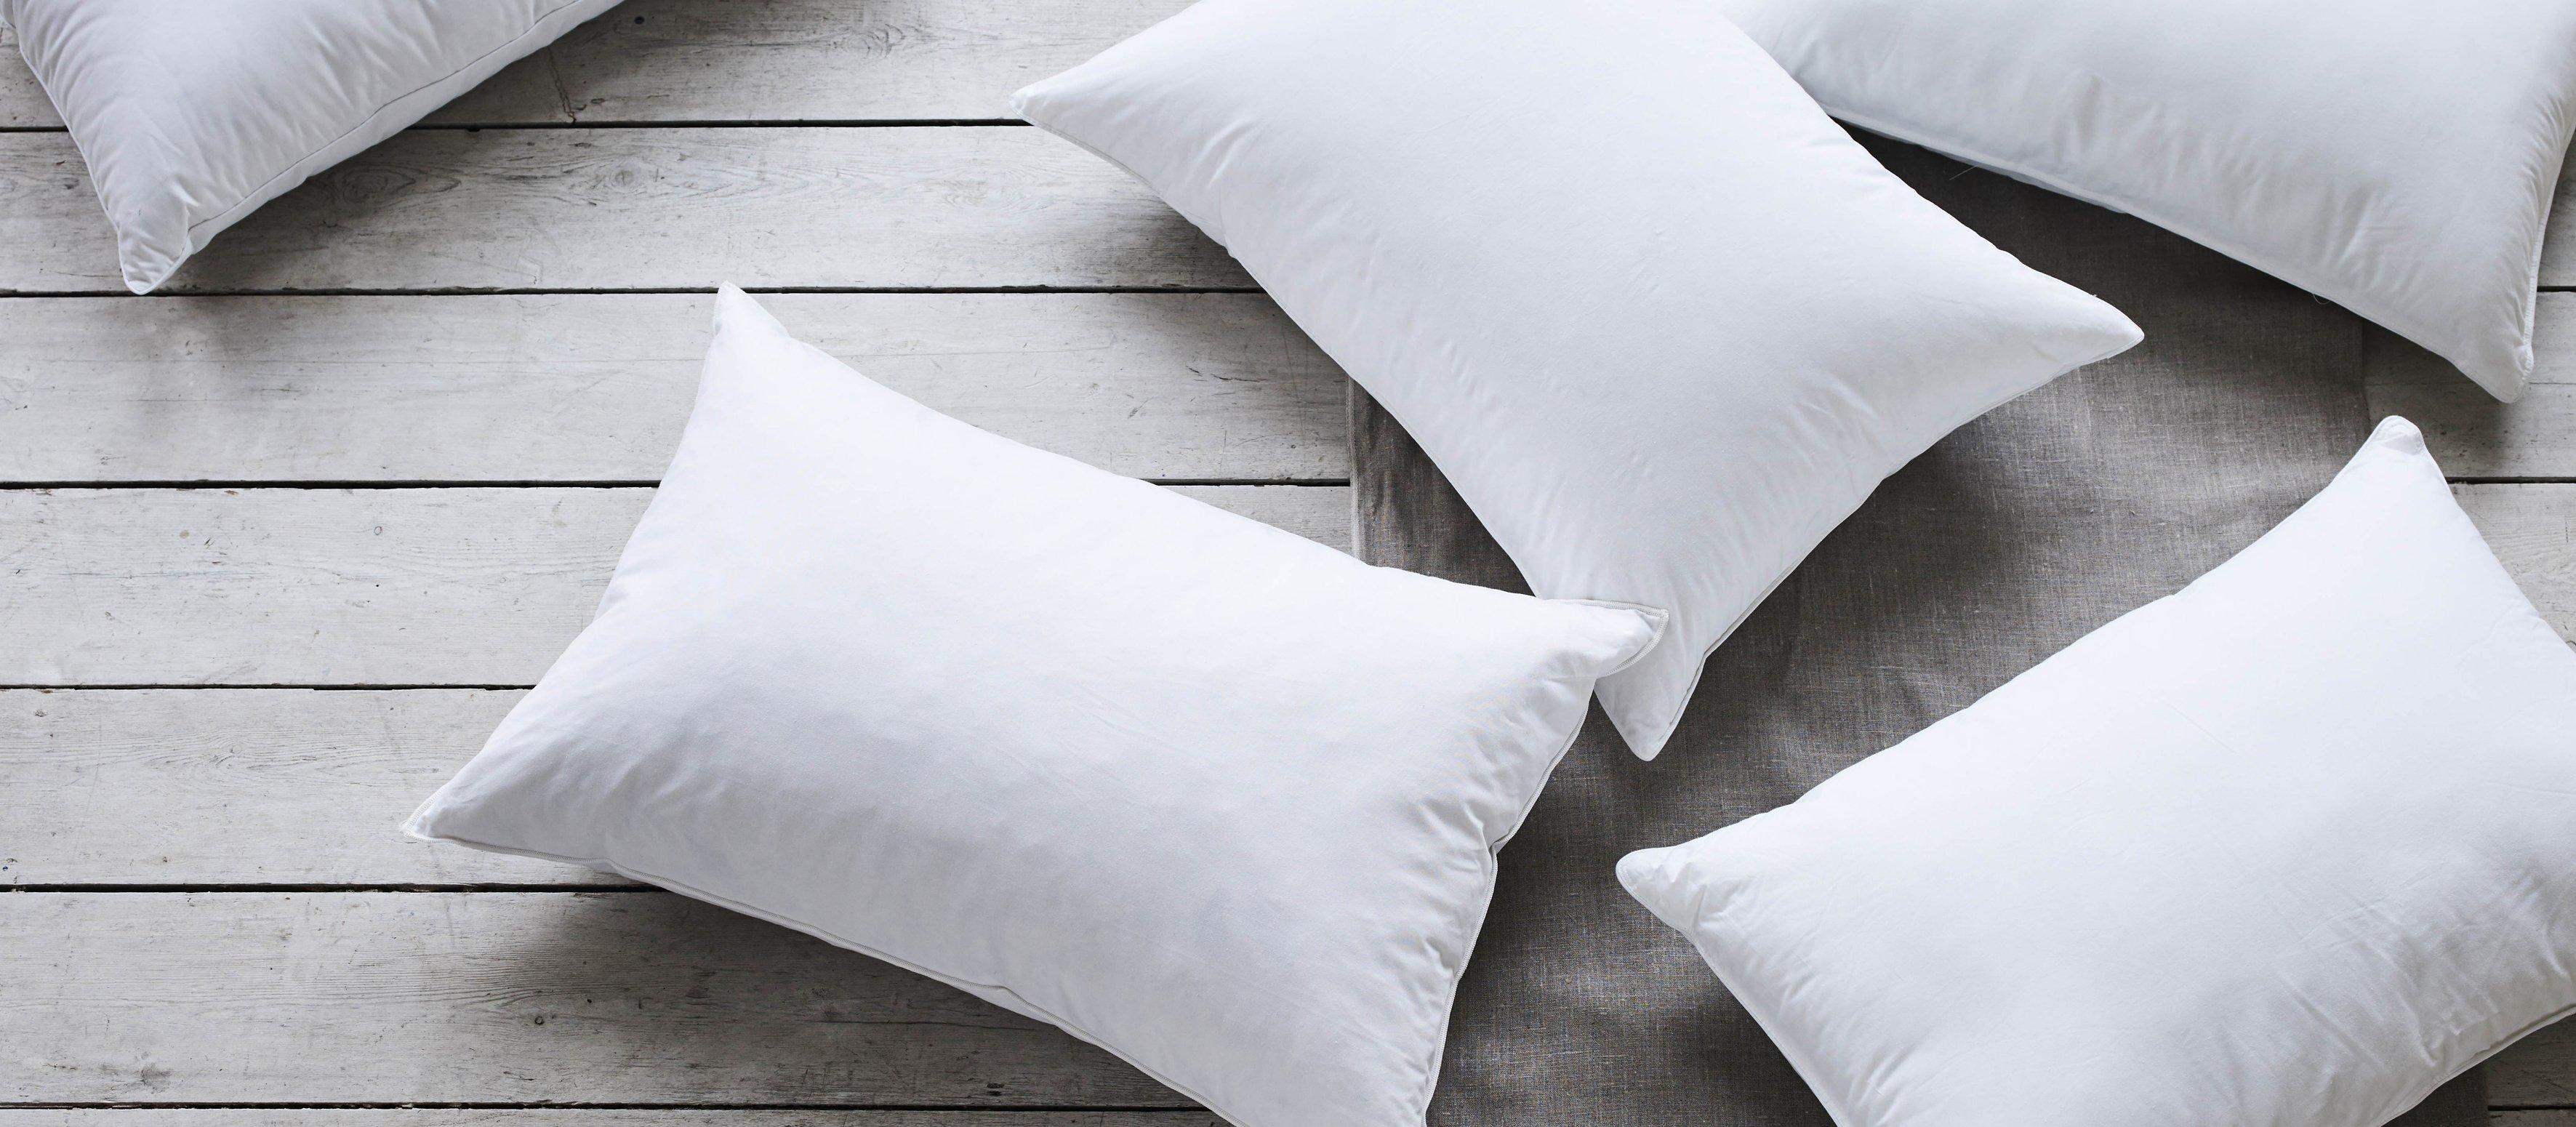 Cushioned Comfort